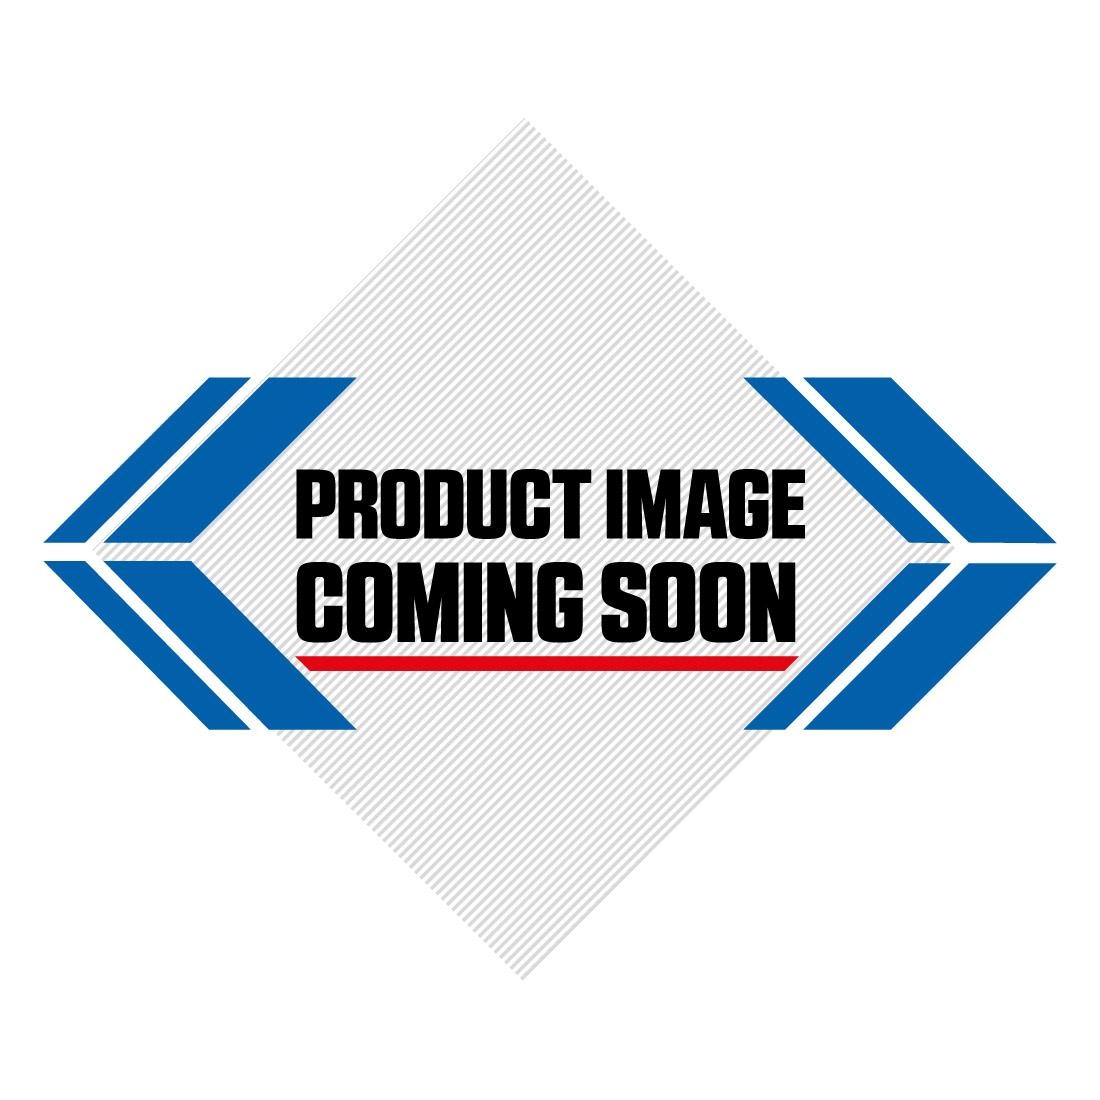 Husqvarna Plastic Kit OEM Factory (2013) Image-1>